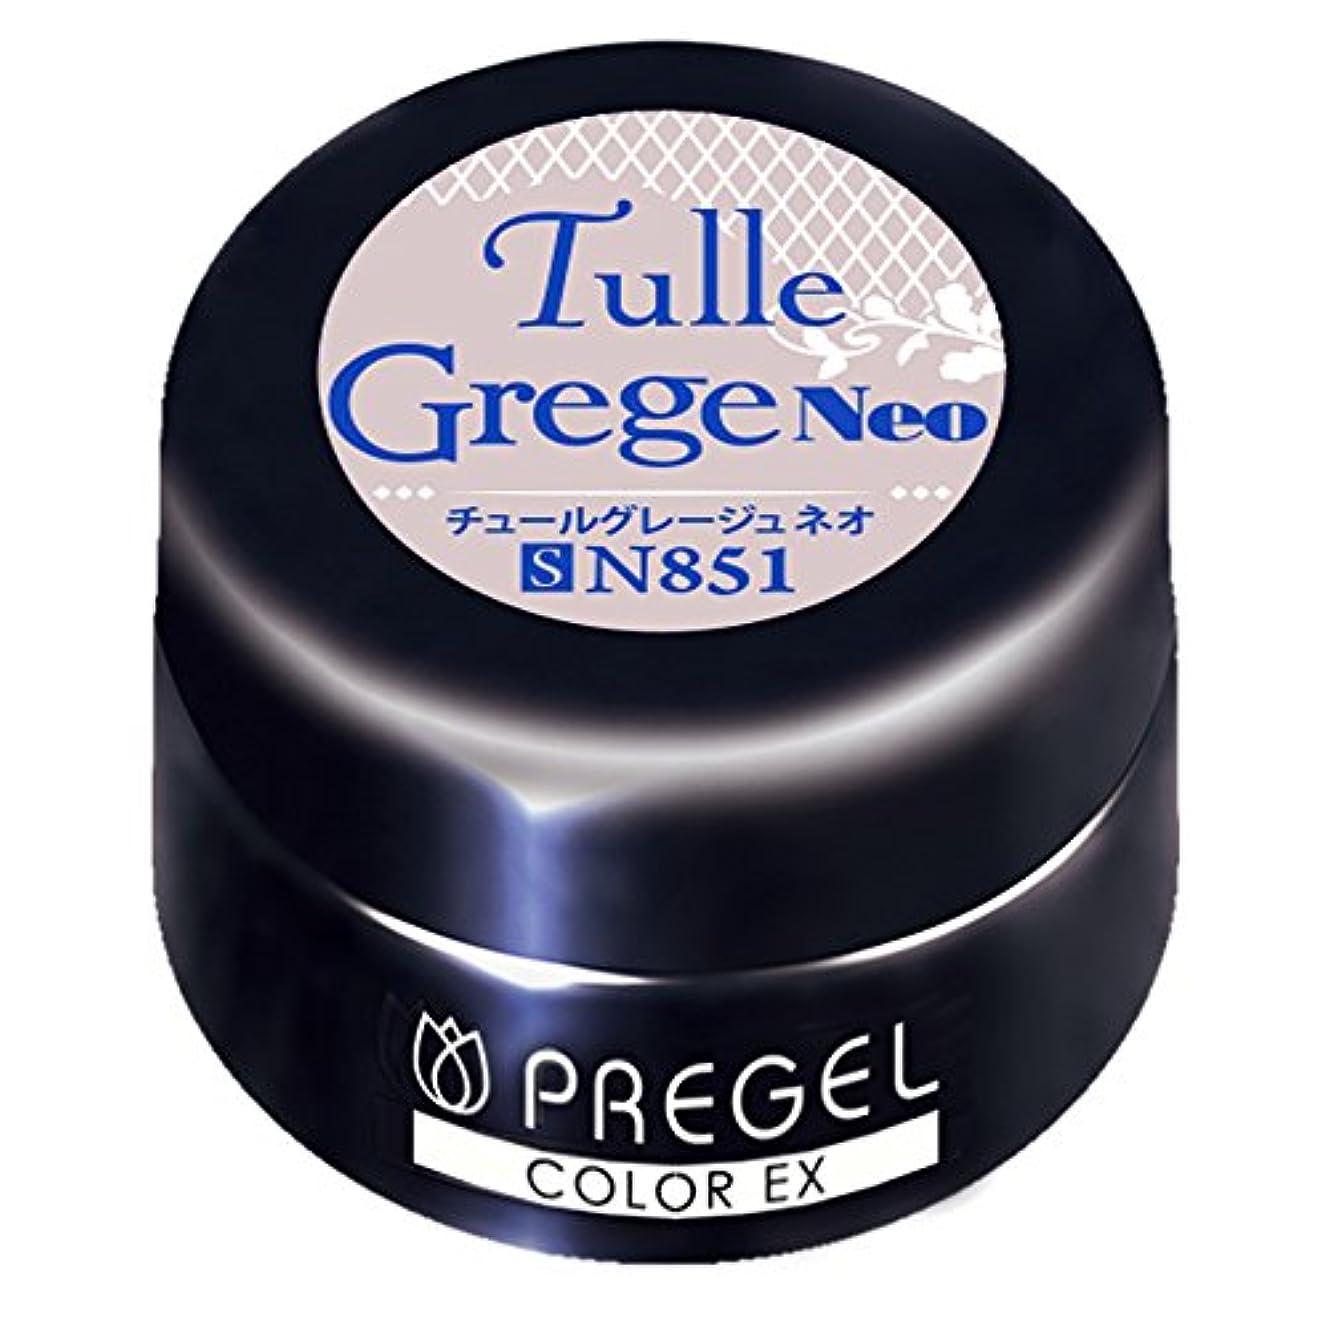 扇動する明快気がついてPRE GEL カラーEX チュールグレージュ neo 851 3g UV/LED対応